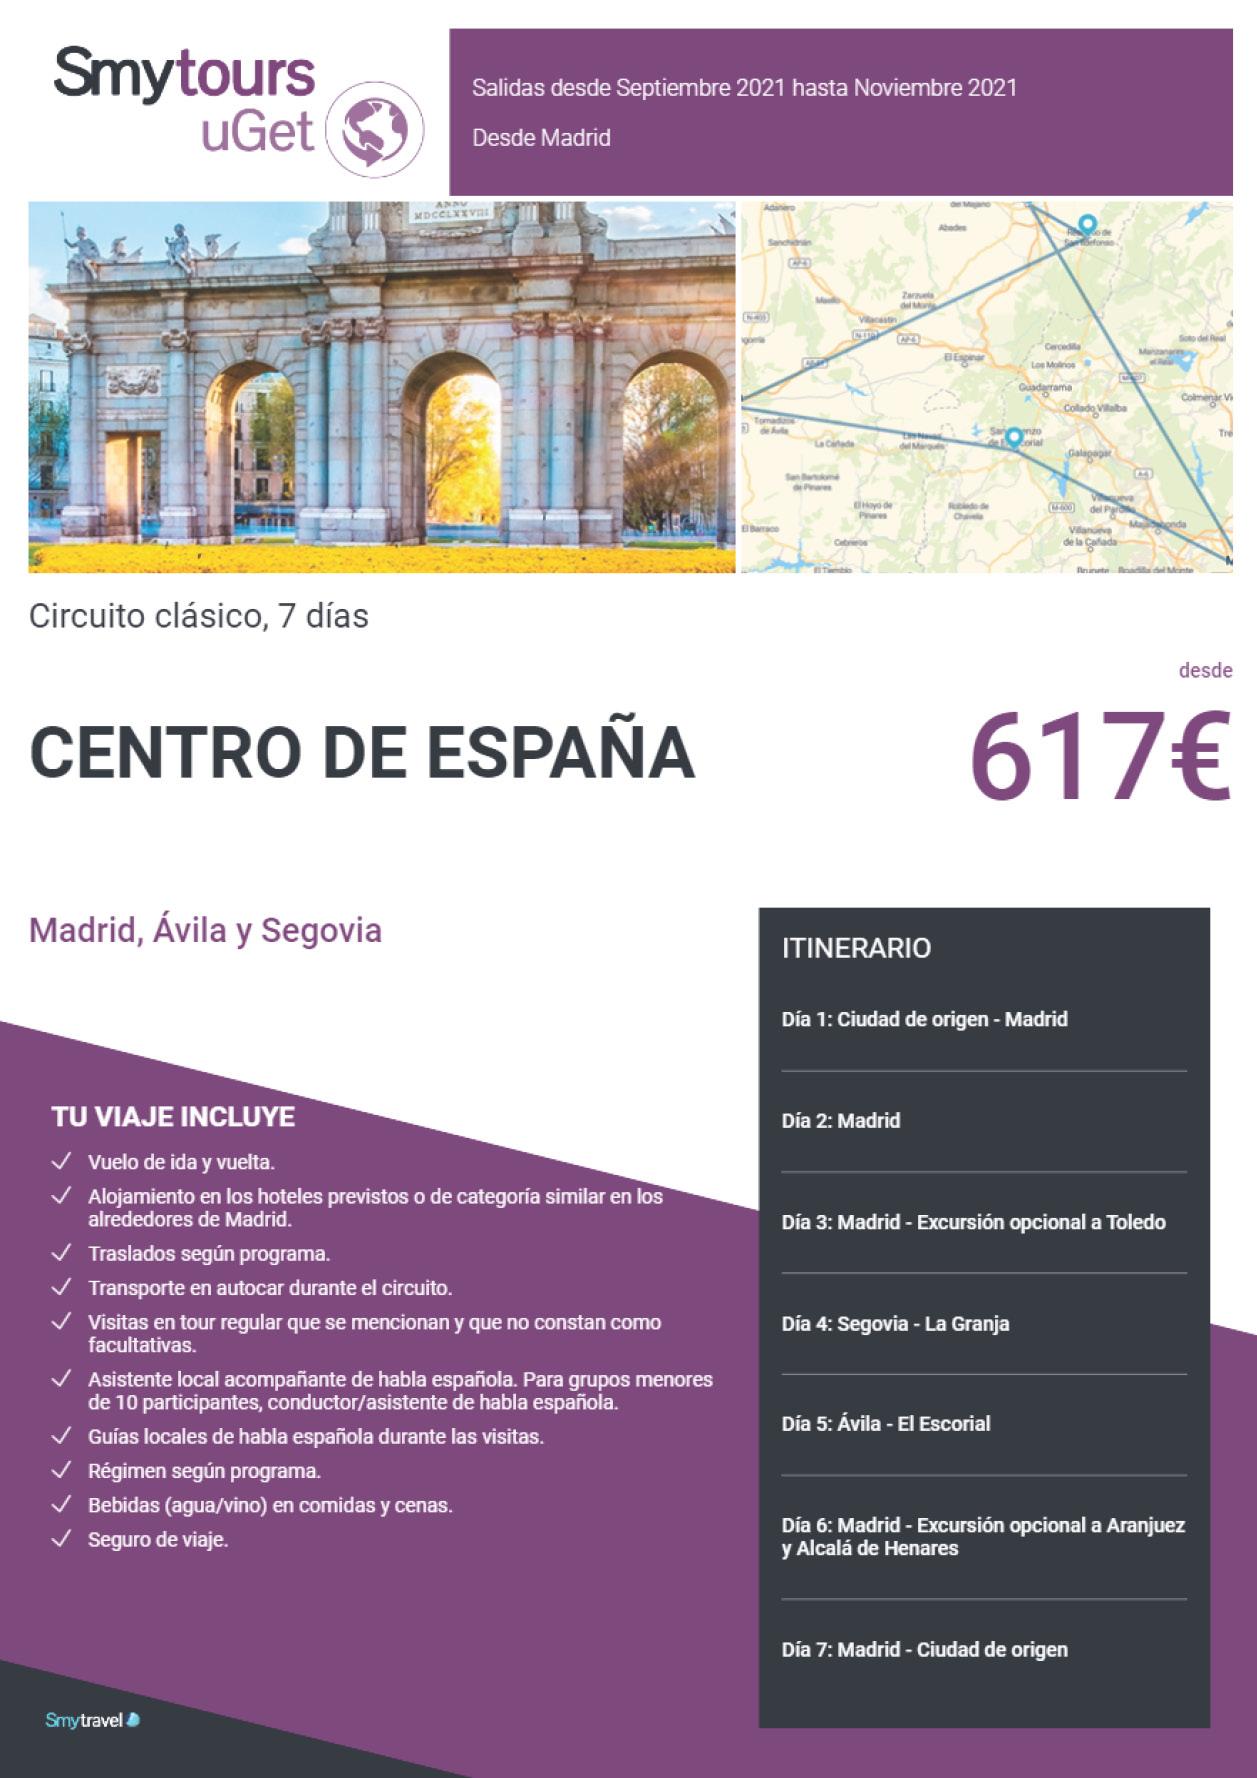 Oferta Smytravel Circuito Madrid Avila y Segovia 7 dias salidas desde Barcelona desde 714 €